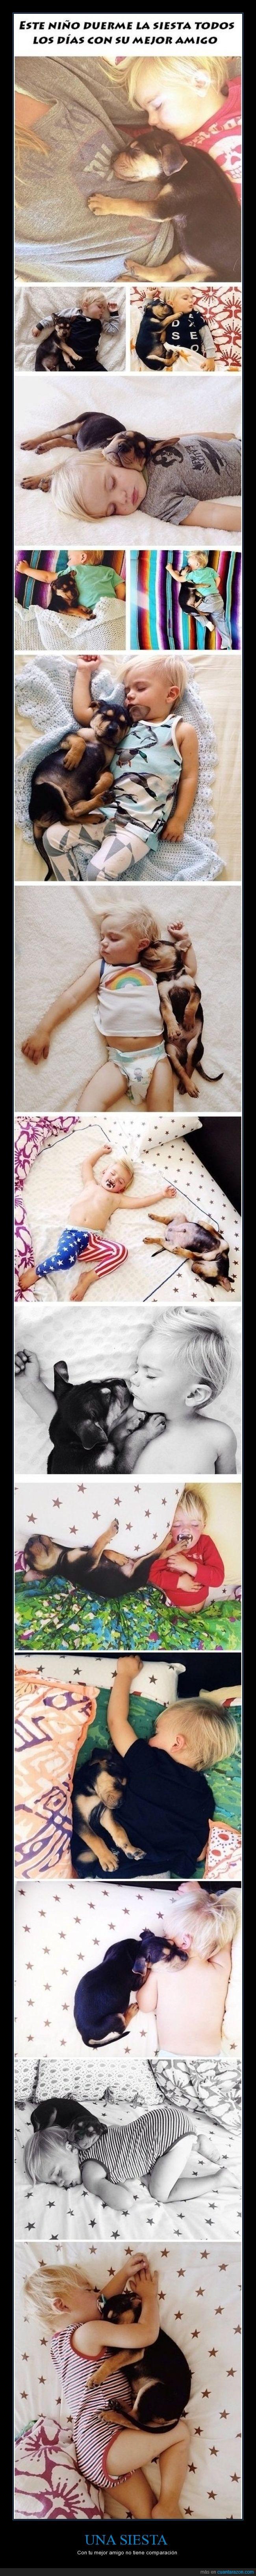 Adorable,Así me ha dado sueño,bebé,dormir,Niño,Perro,Siesta